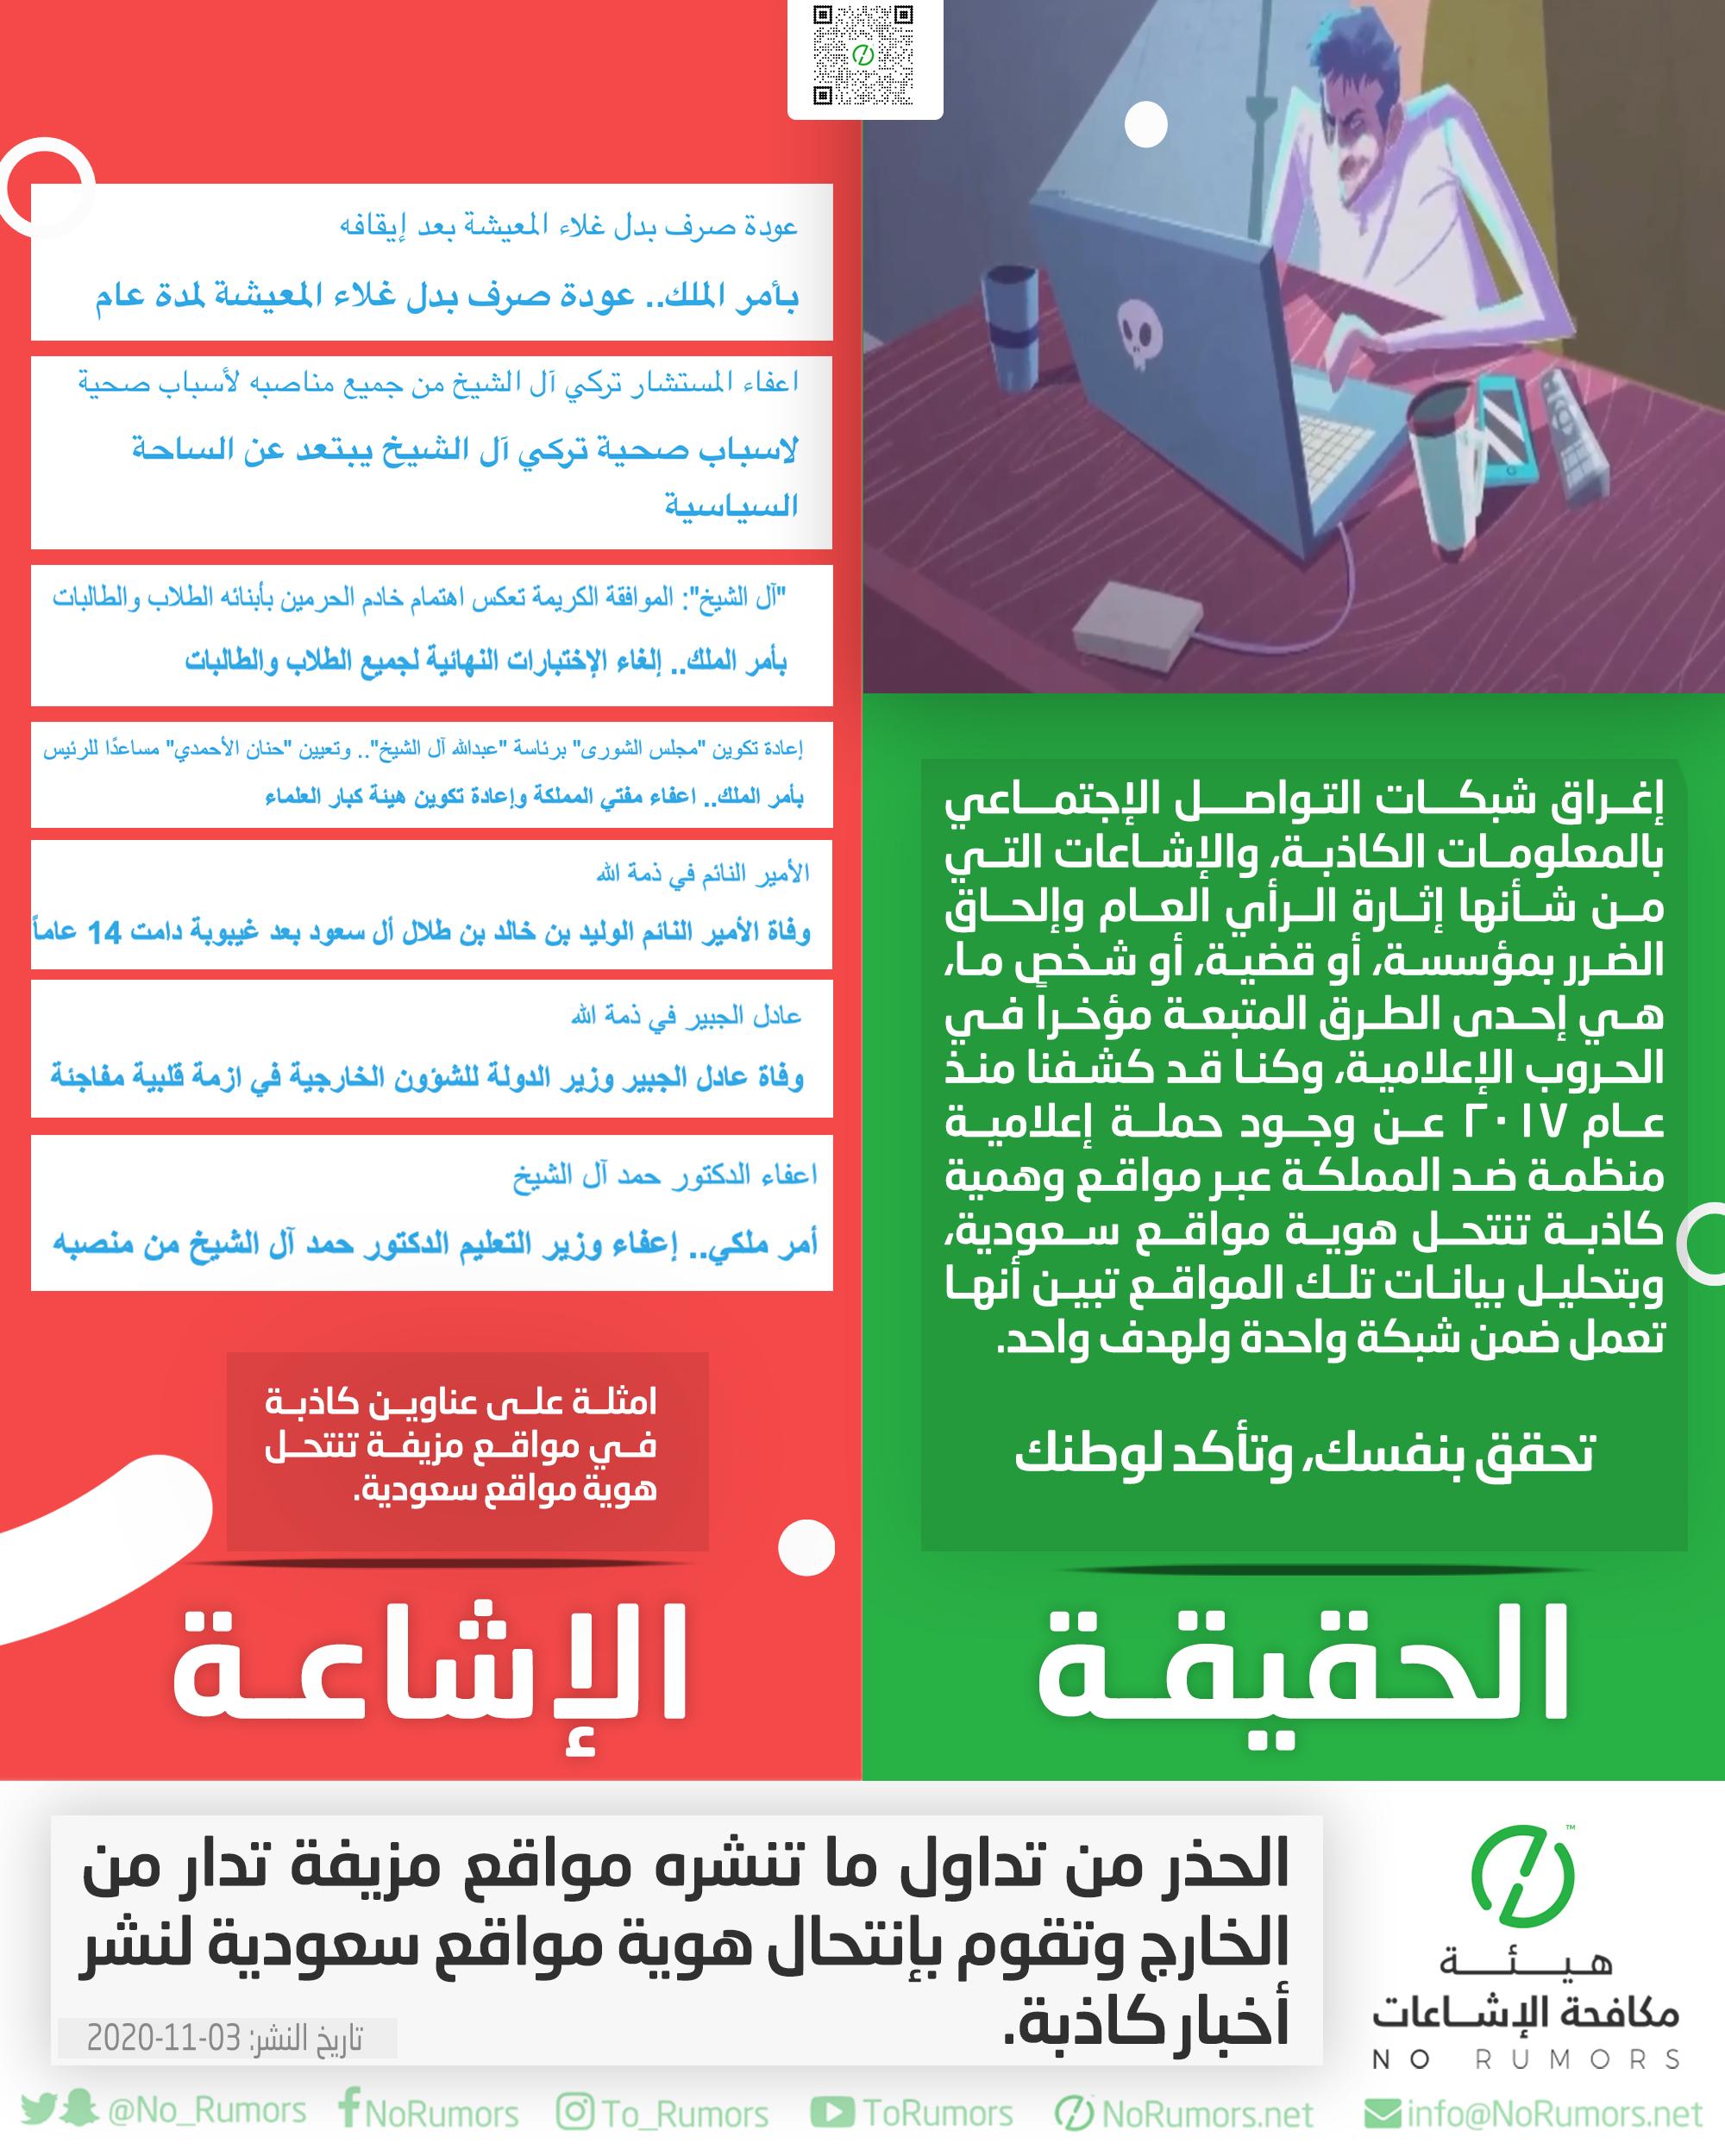 مواقع مزيفة تدار من الخارج وتقوم بإنتحال هوية مواقع سعودية